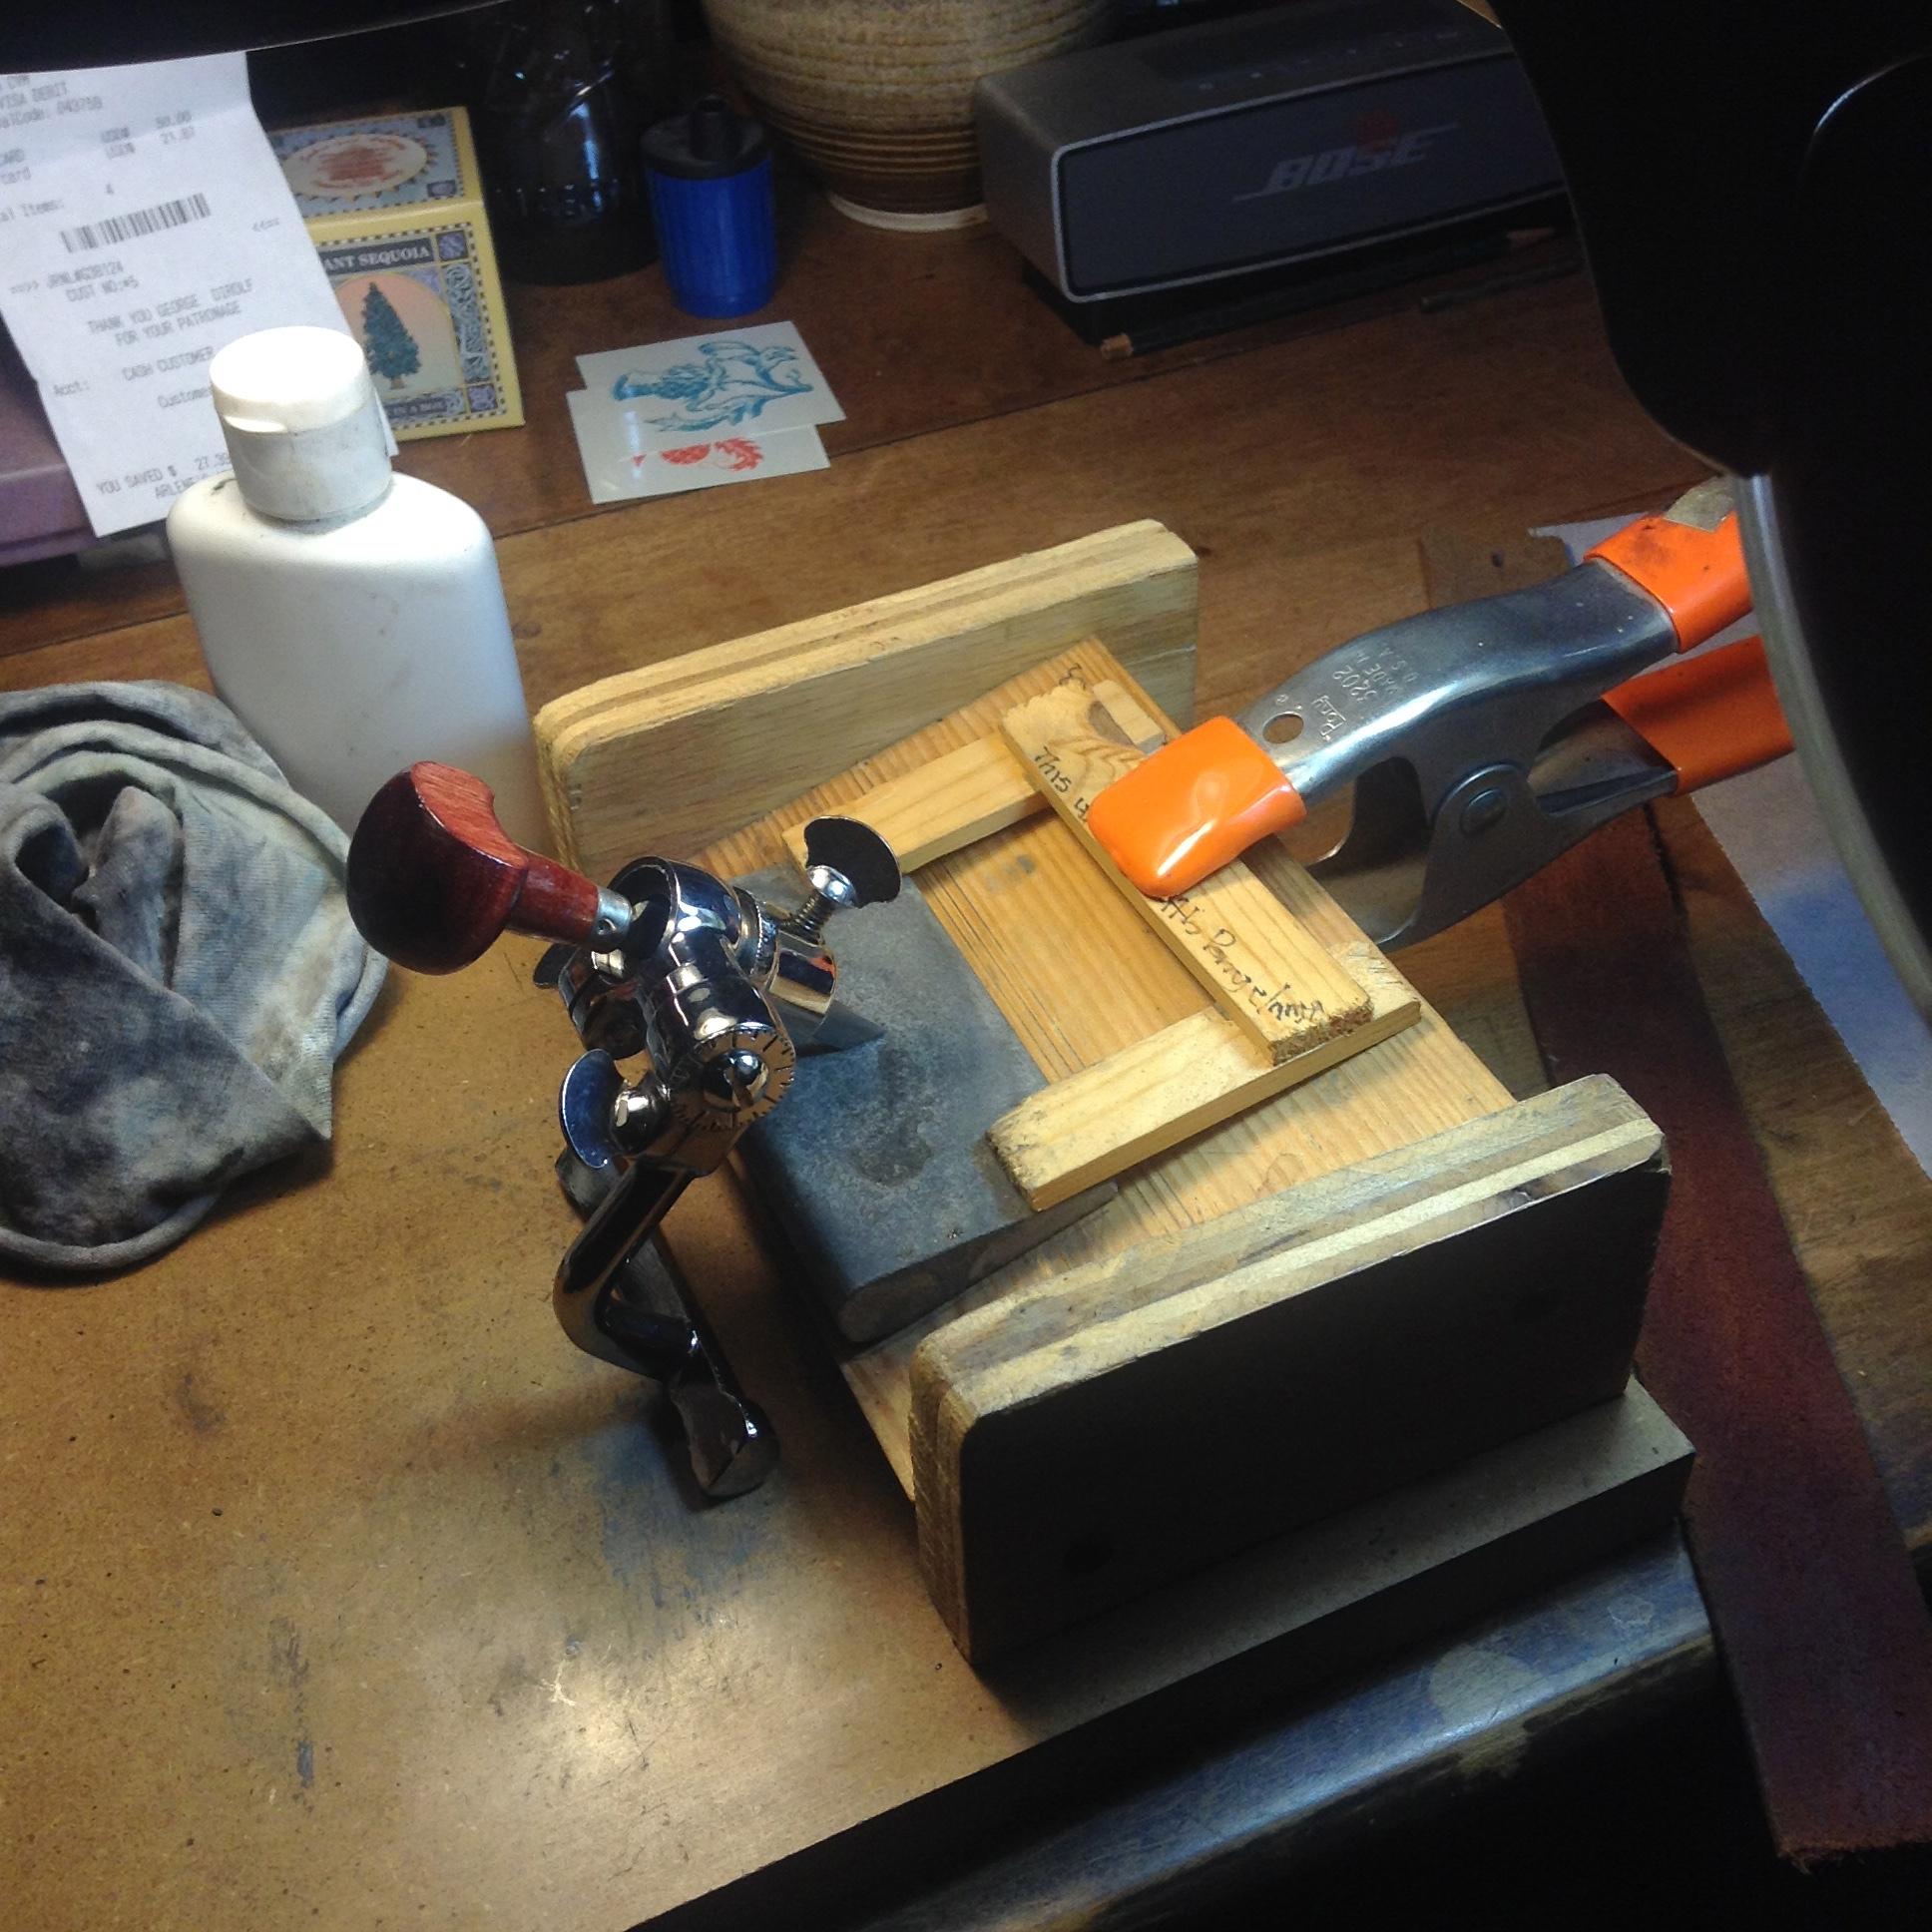 Sharpening engraving tools